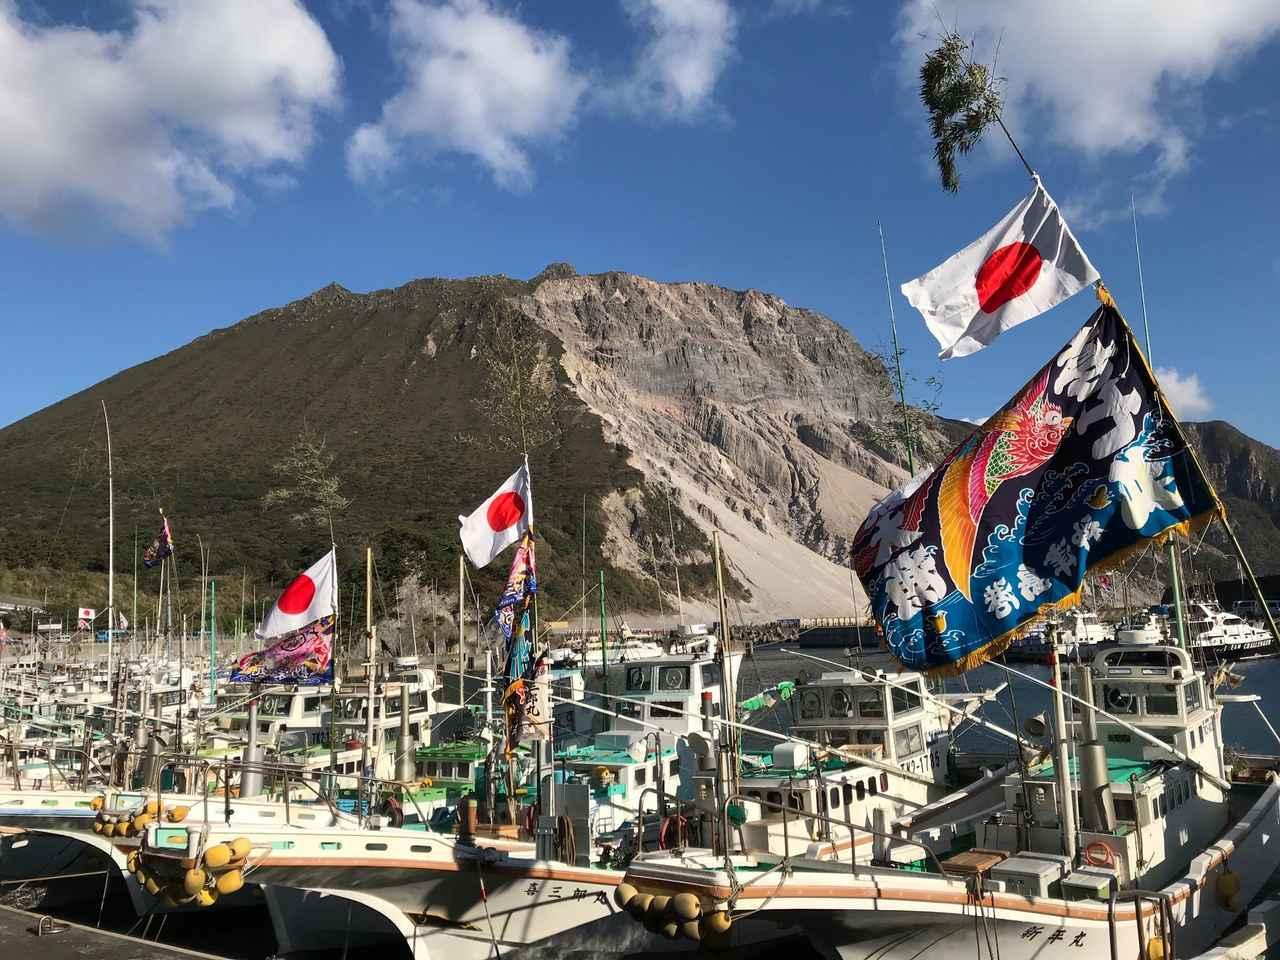 画像: たなびく漁師旗と山の景色はこの時期ならではです。